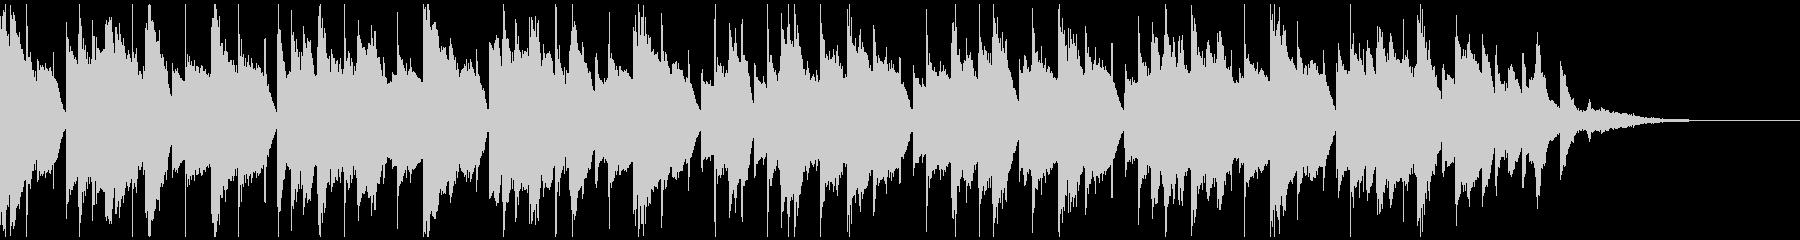 ゆったりとしたピアノポップの未再生の波形